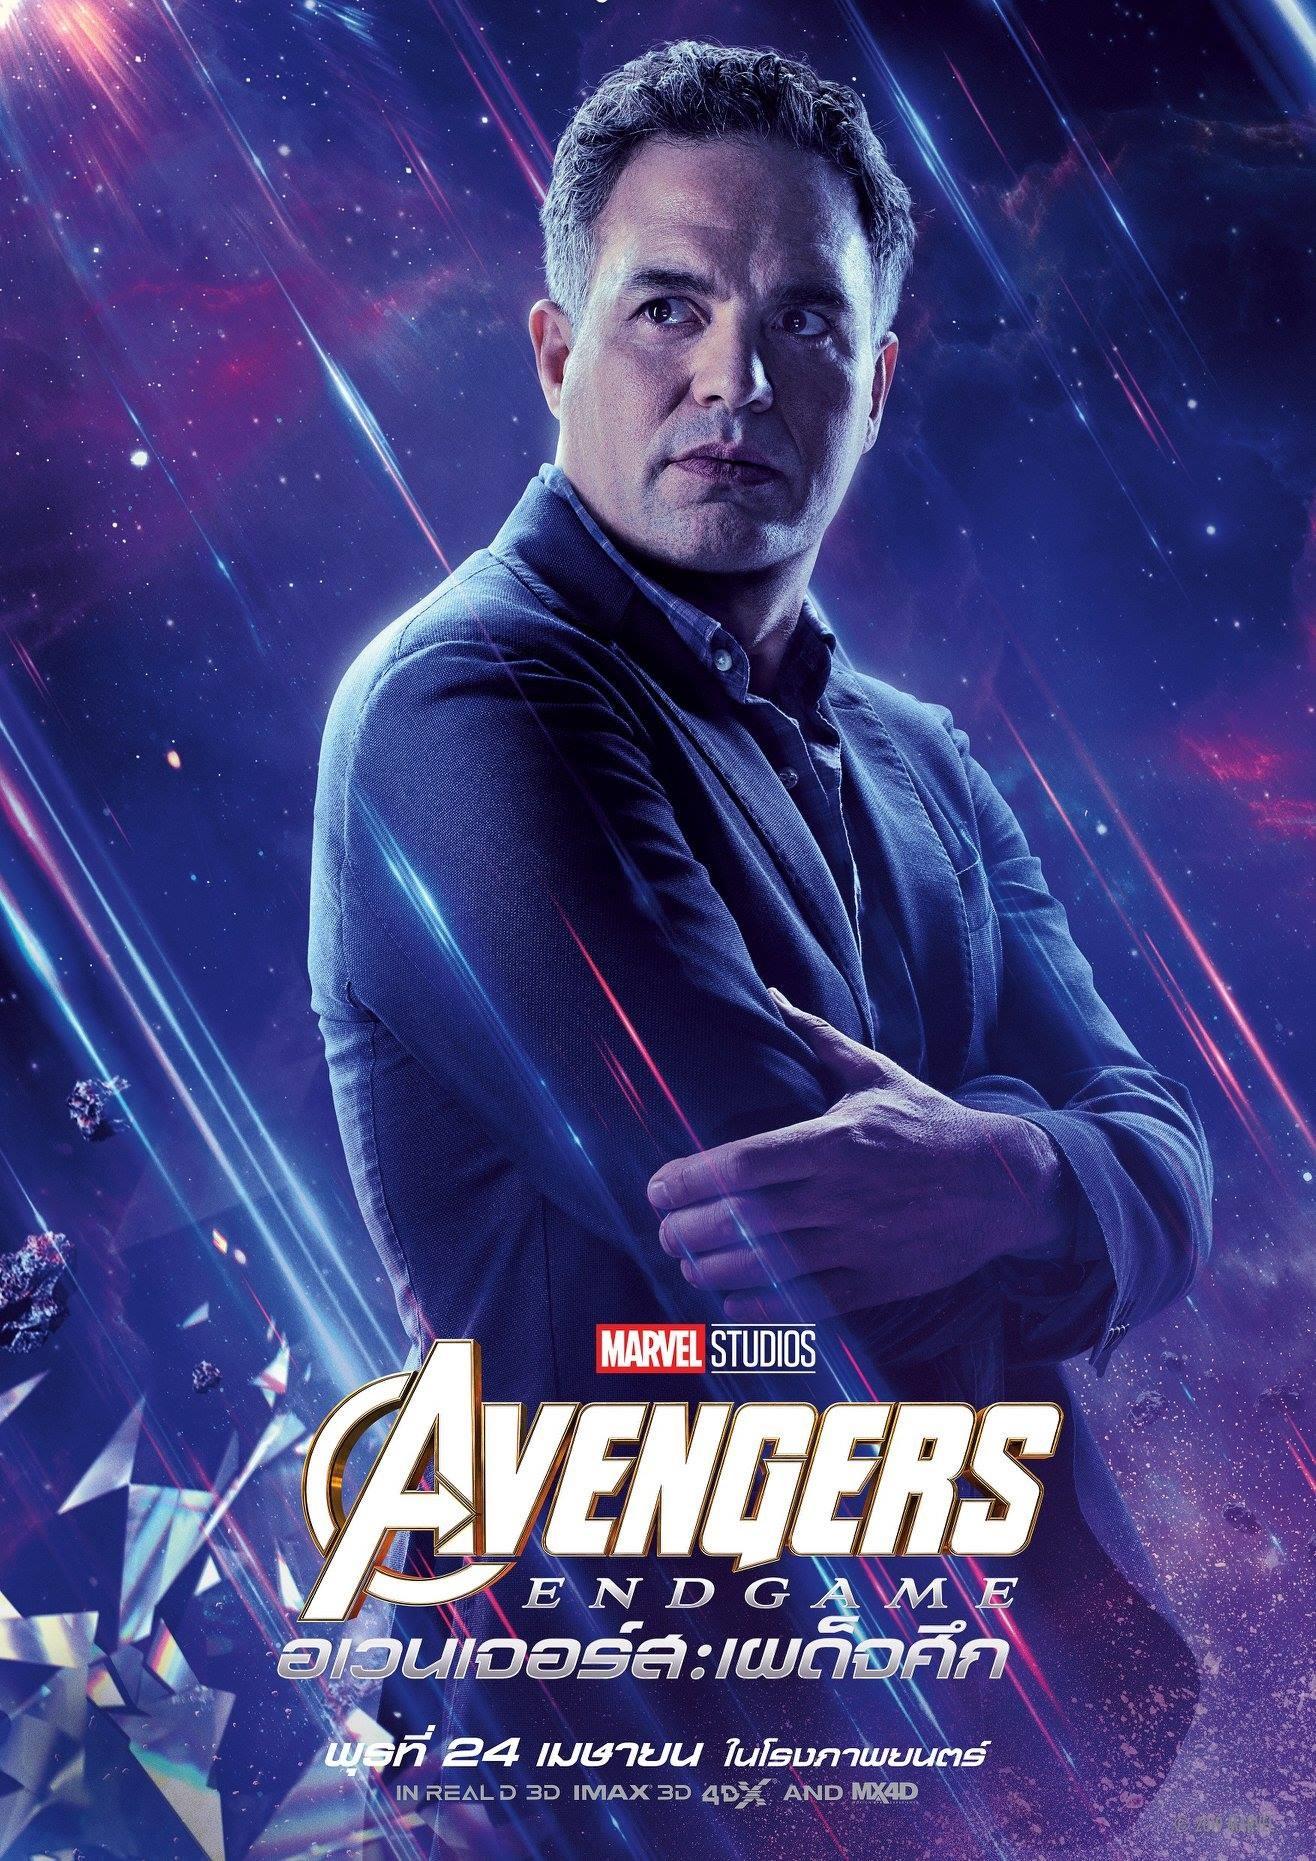 Endgame international character poster for Bruce Banner